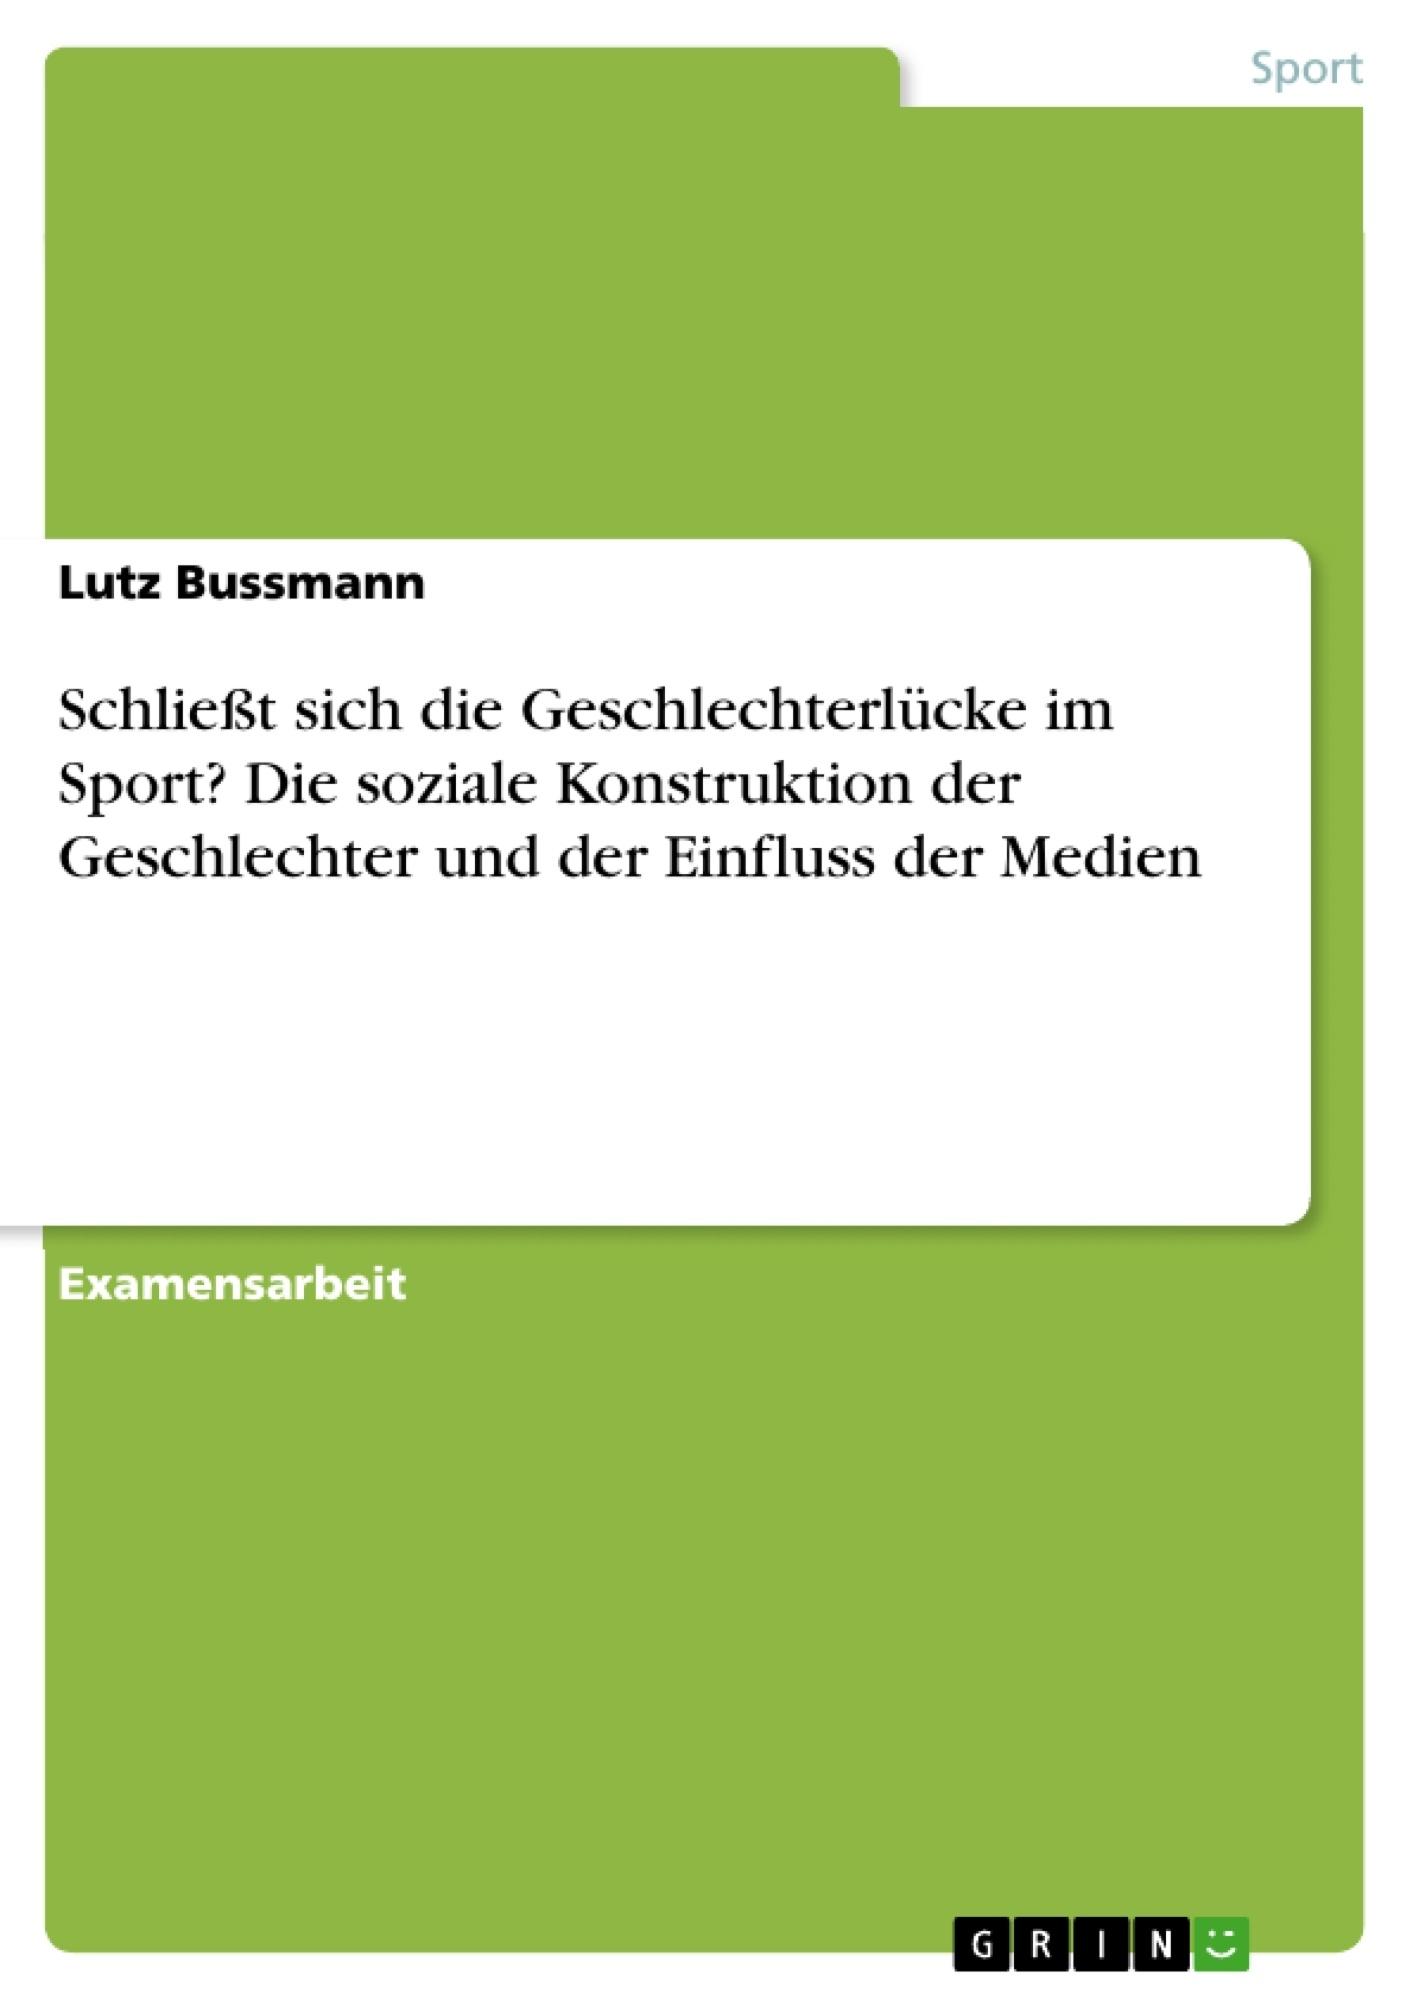 Titel: Schließt sich die Geschlechterlücke im Sport? Die soziale Konstruktion der Geschlechter und der Einfluss der Medien